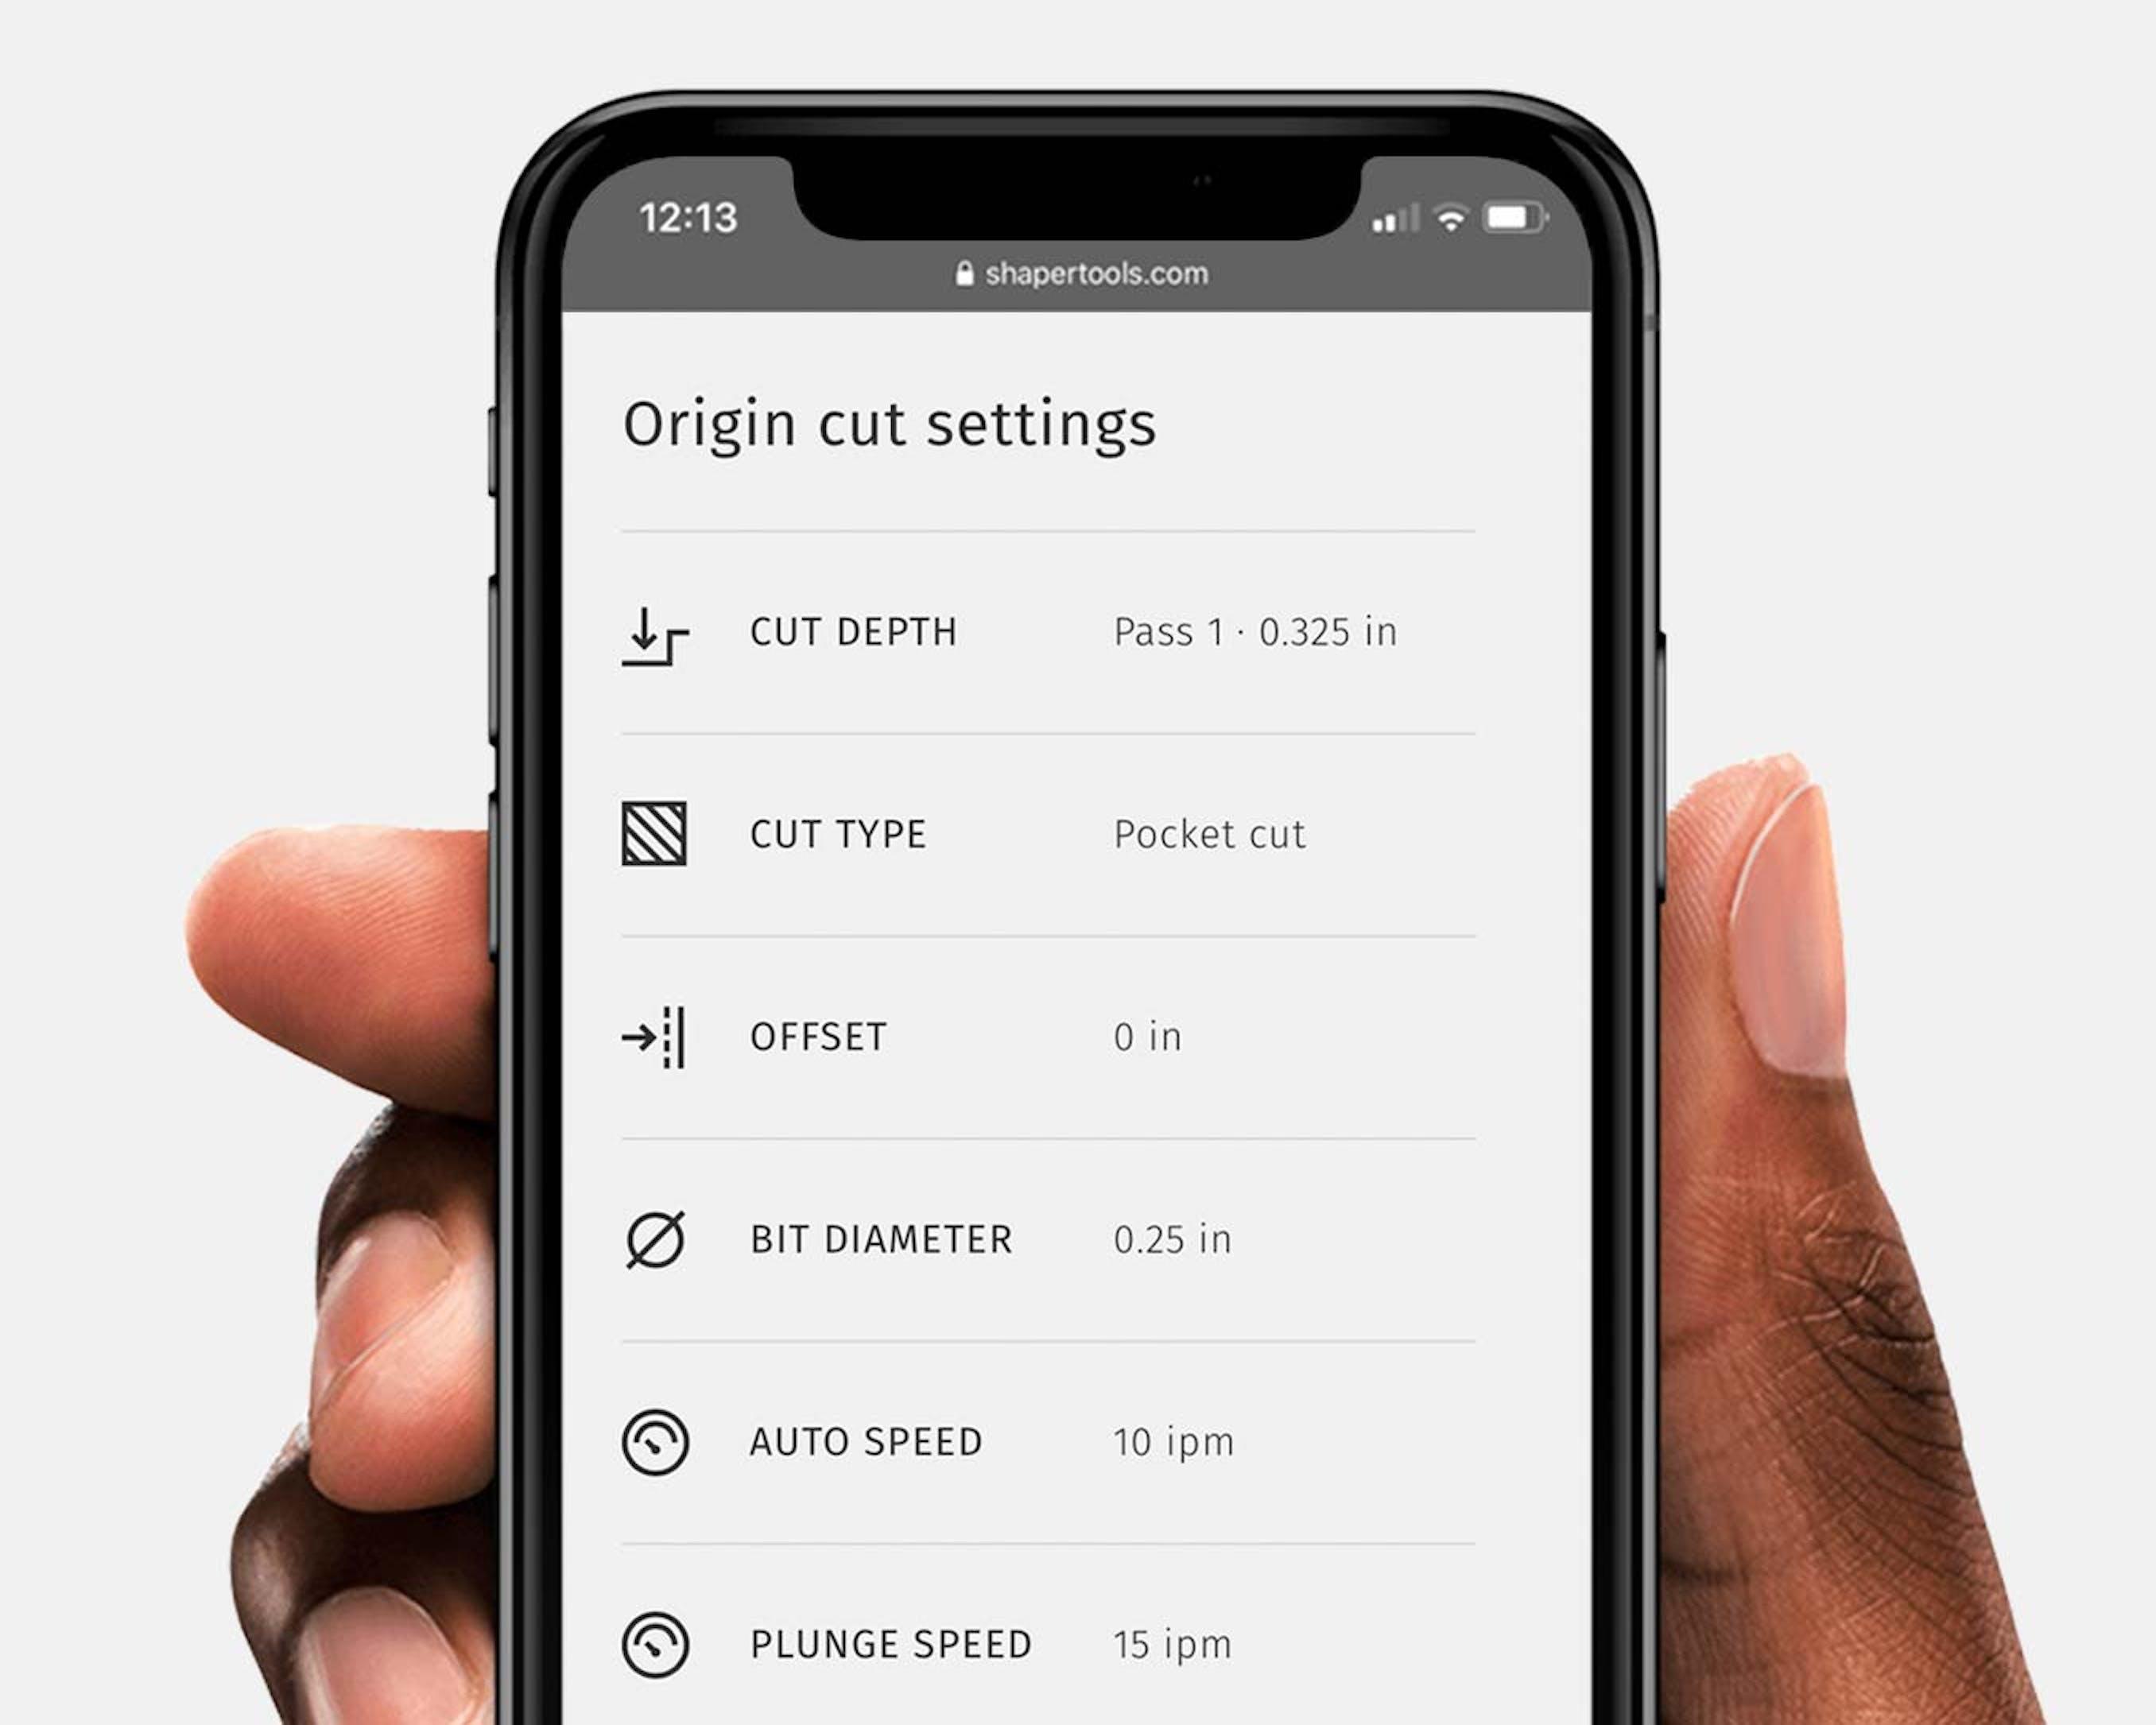 Origin Cut Settings